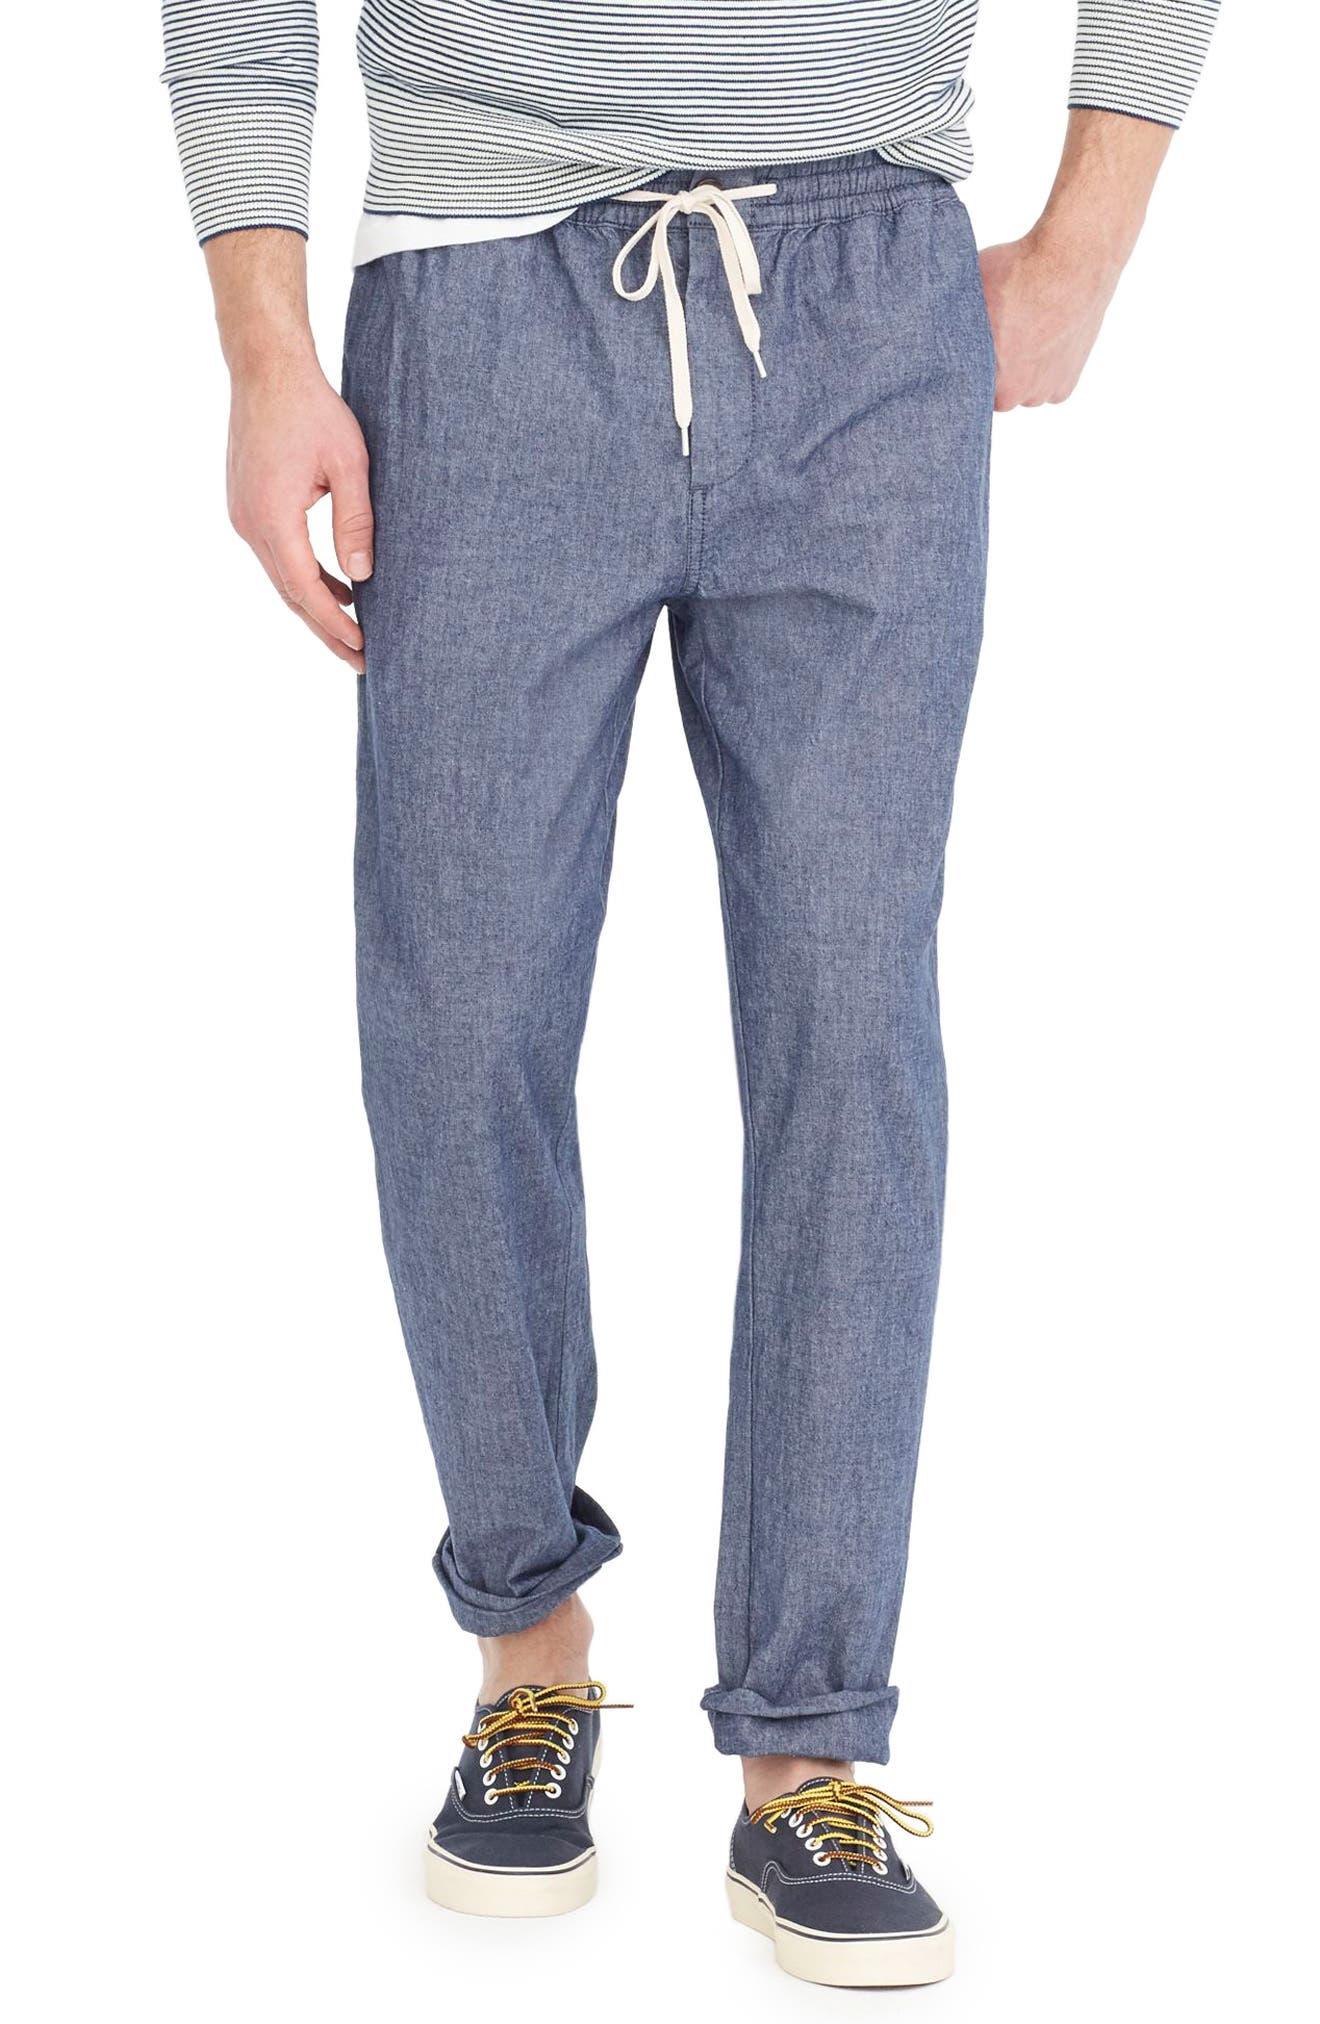 Chambray Drawstring Pants,                             Main thumbnail 1, color,                             402